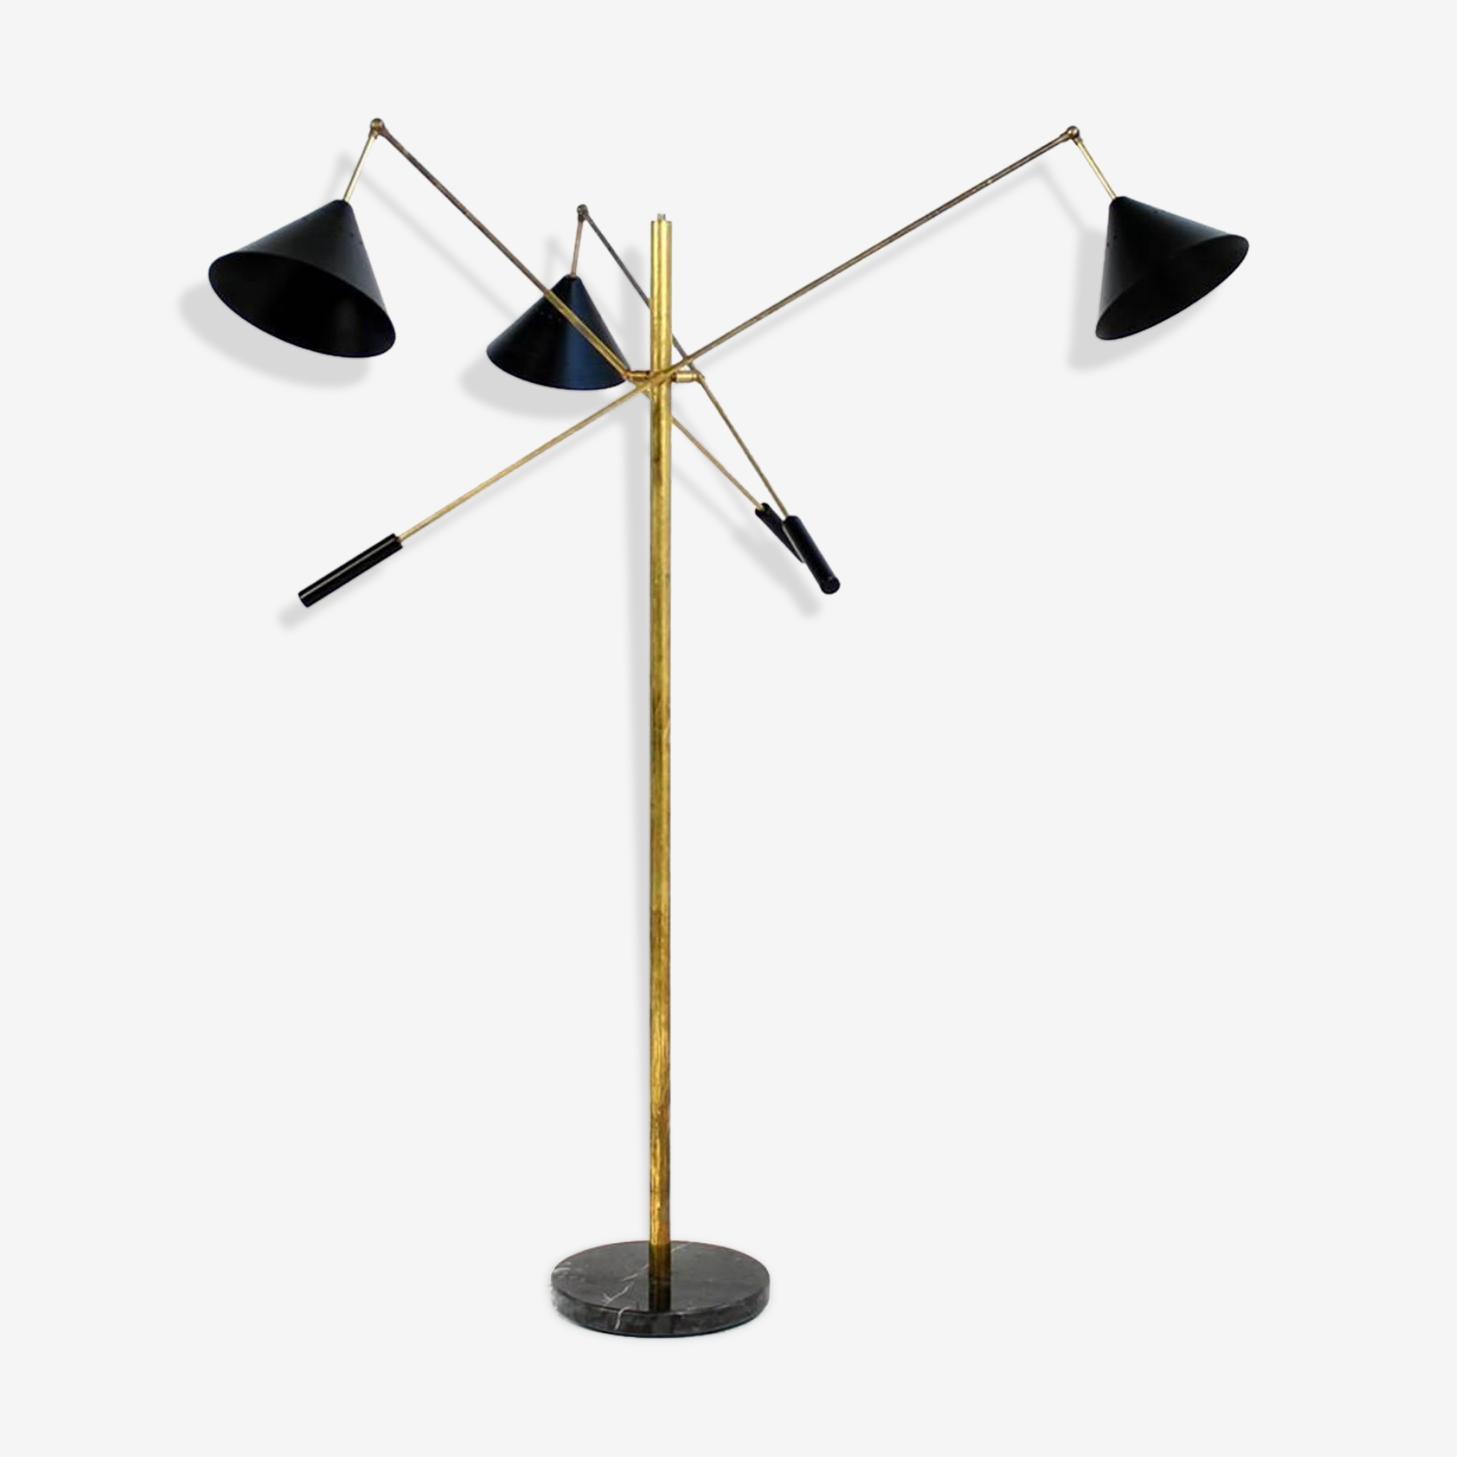 Lampadaire balancier à 3 bras dans le style des créations italiennes des années 50